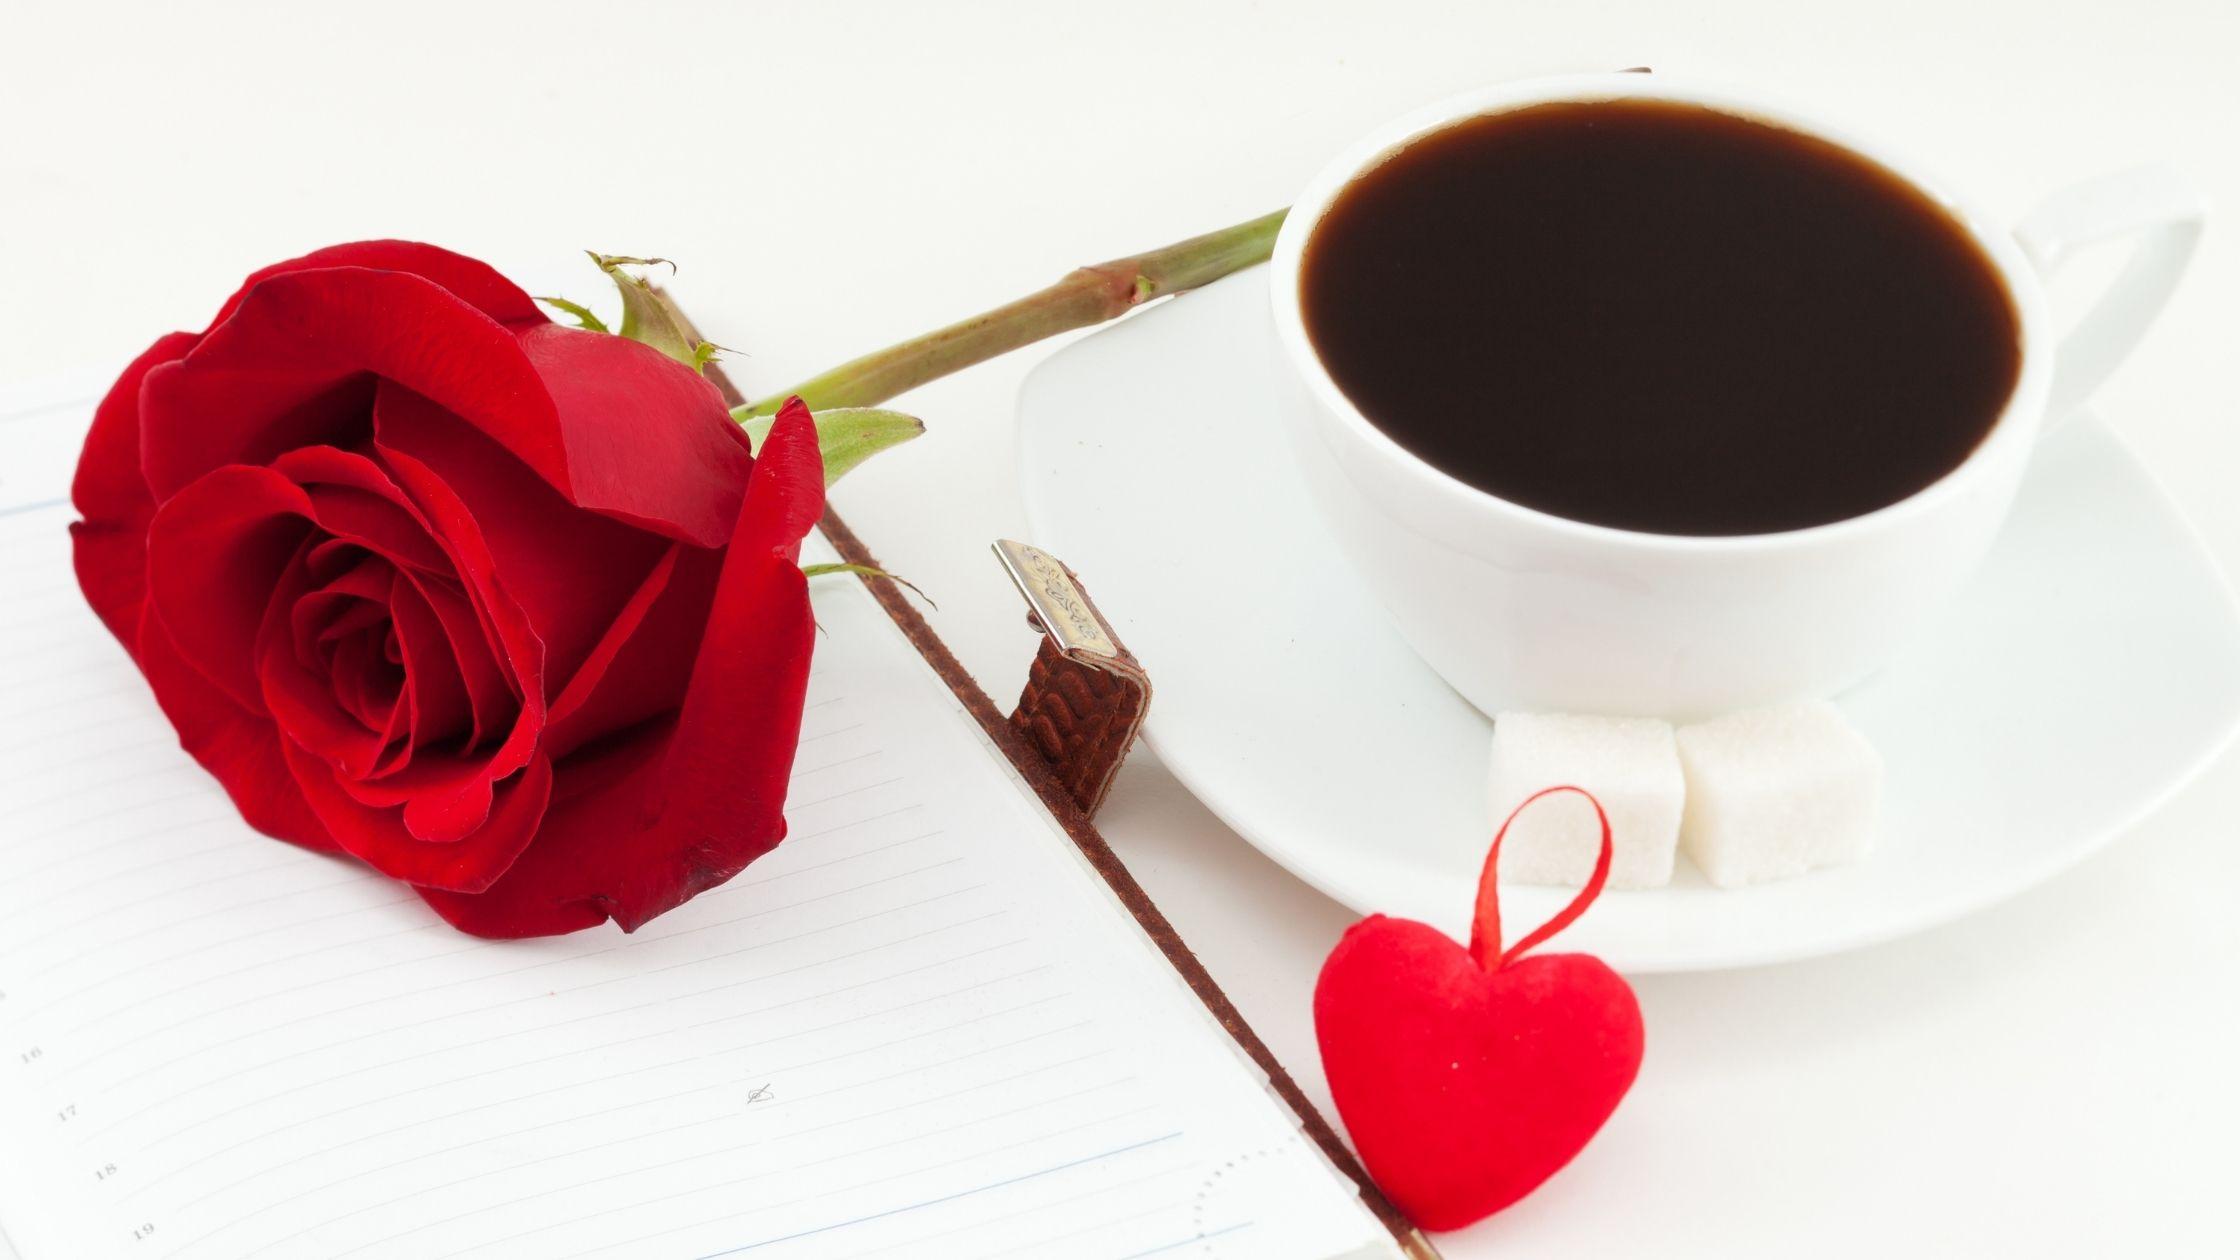 """imagem de um caderno de papel com uma rosa vermelha, um pouco de coração vermelho no lado direito e uma xícara de café, esta imagem pertence ao artigo chamado """"Como desenvolver a disciplina diária na vida"""""""